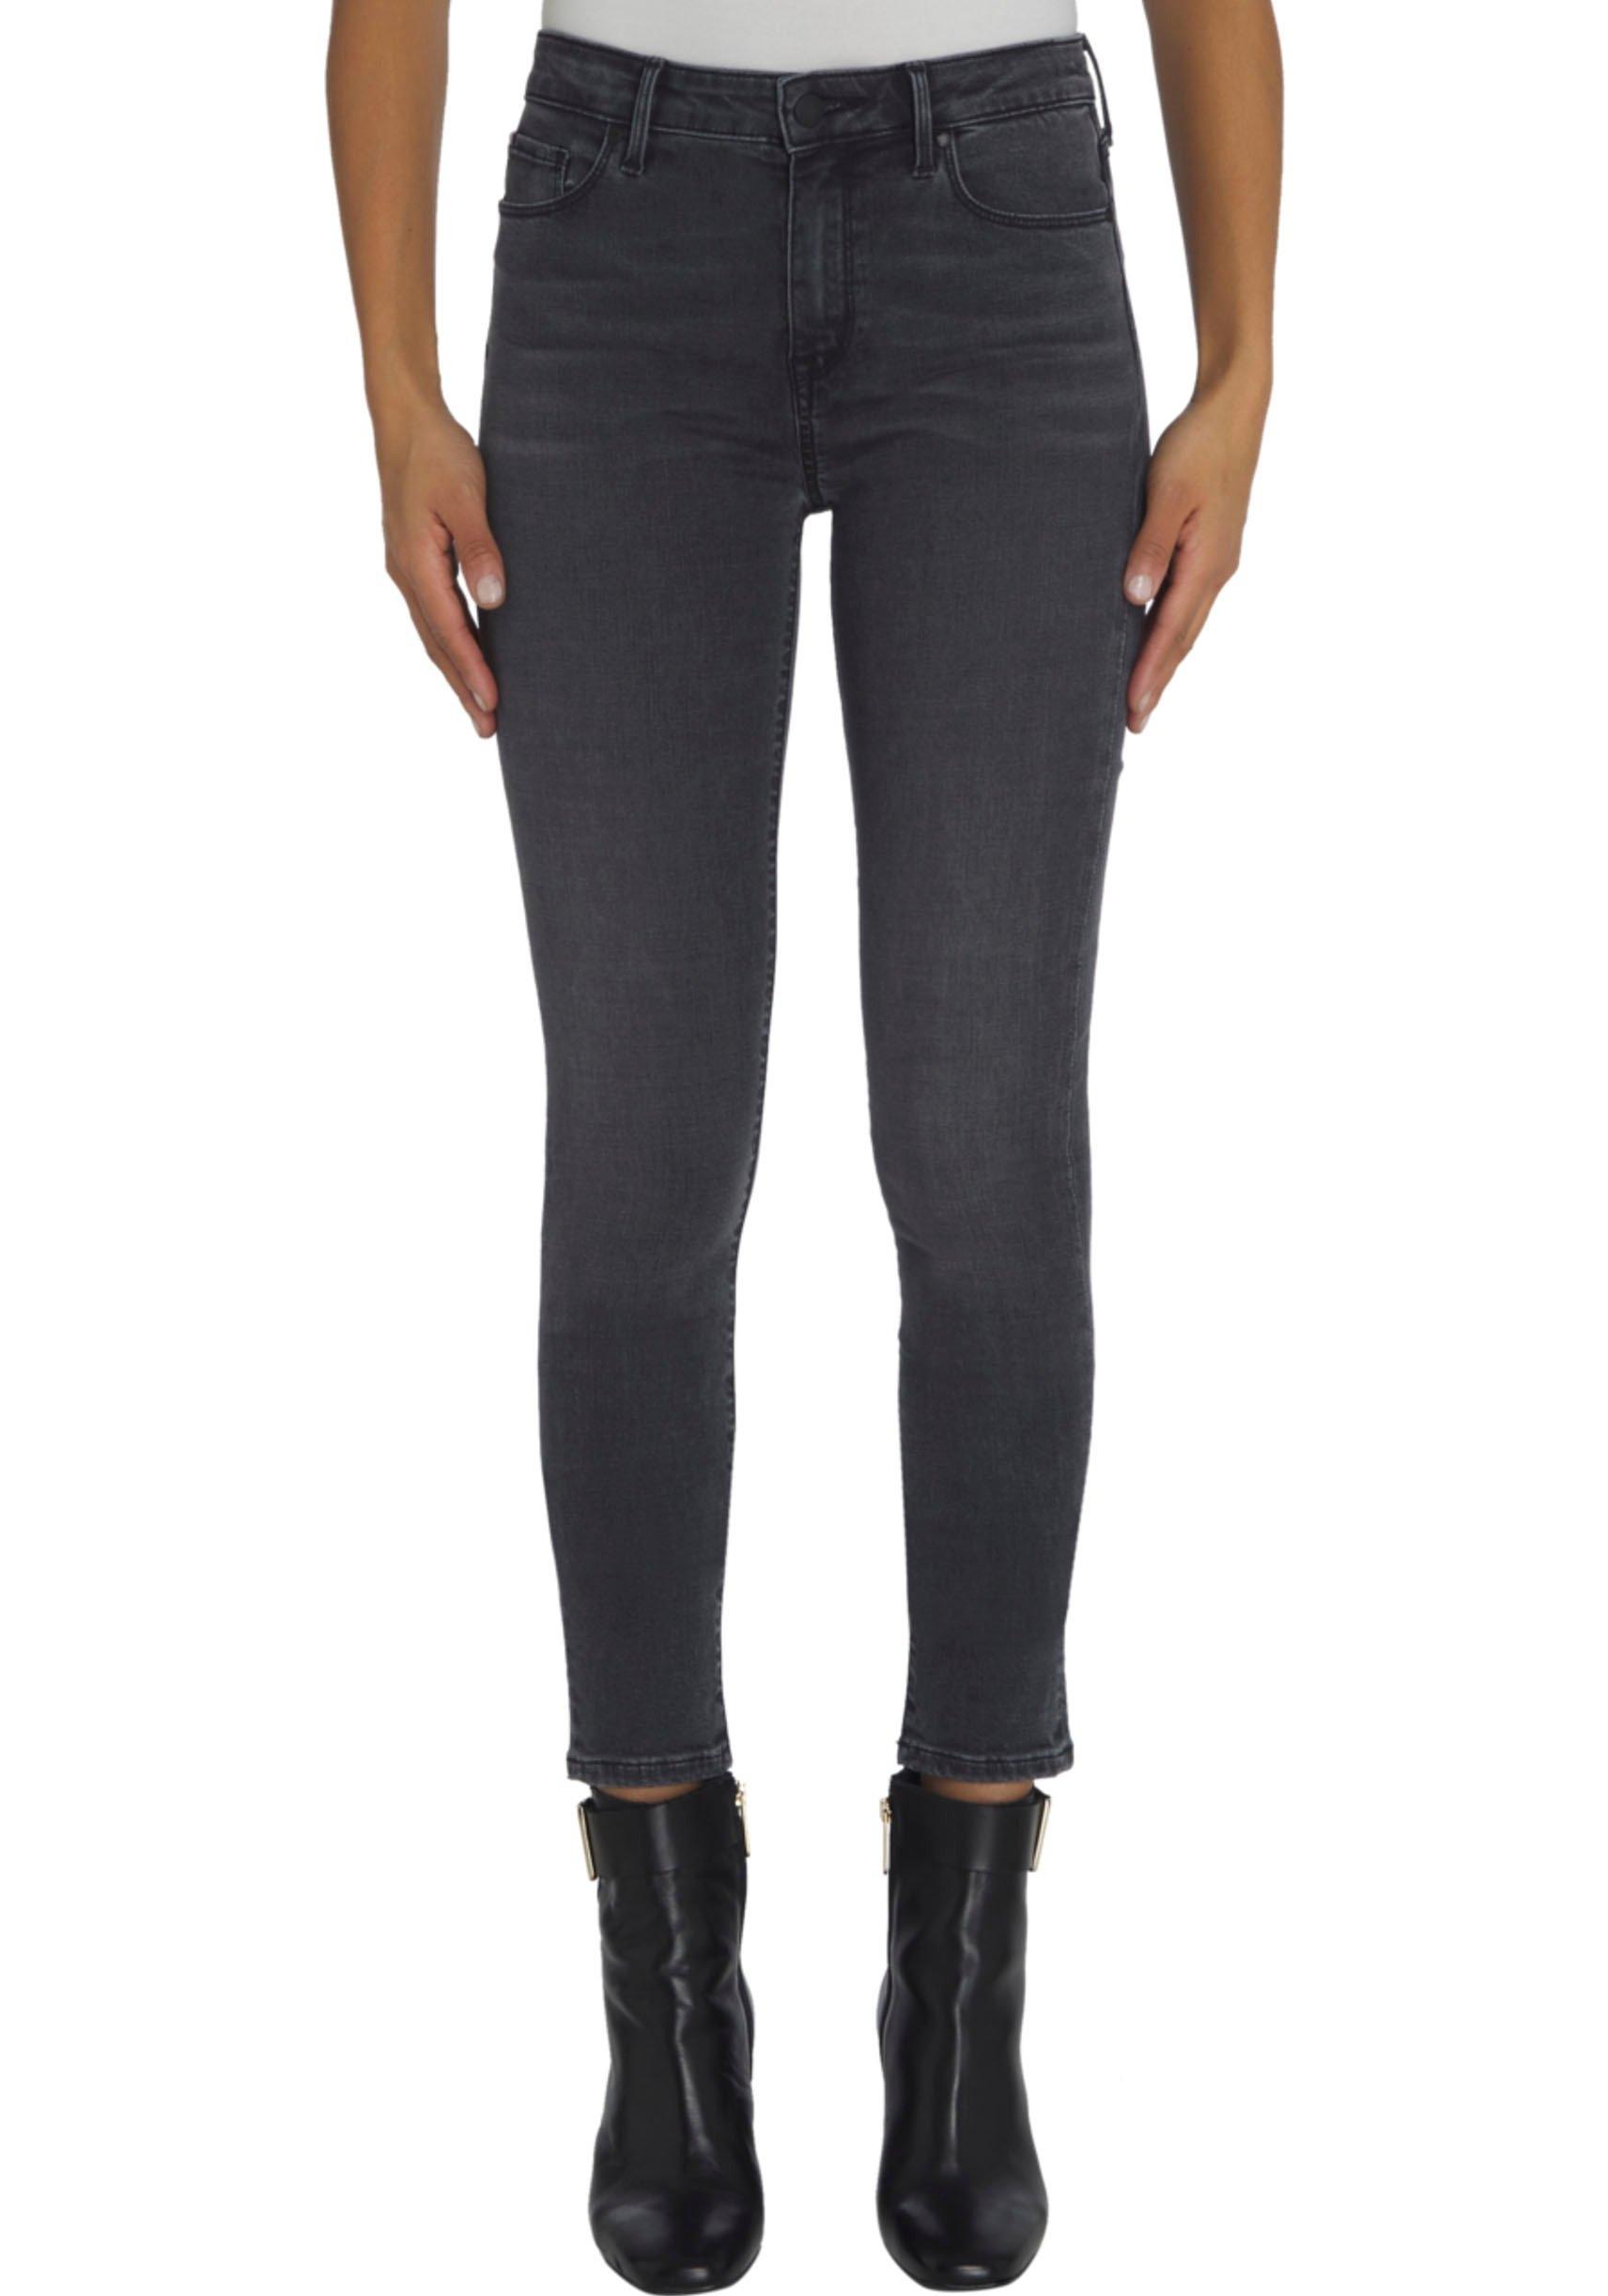 TOMMY HILFIGER skinny fit jeans voordelig en veilig online kopen